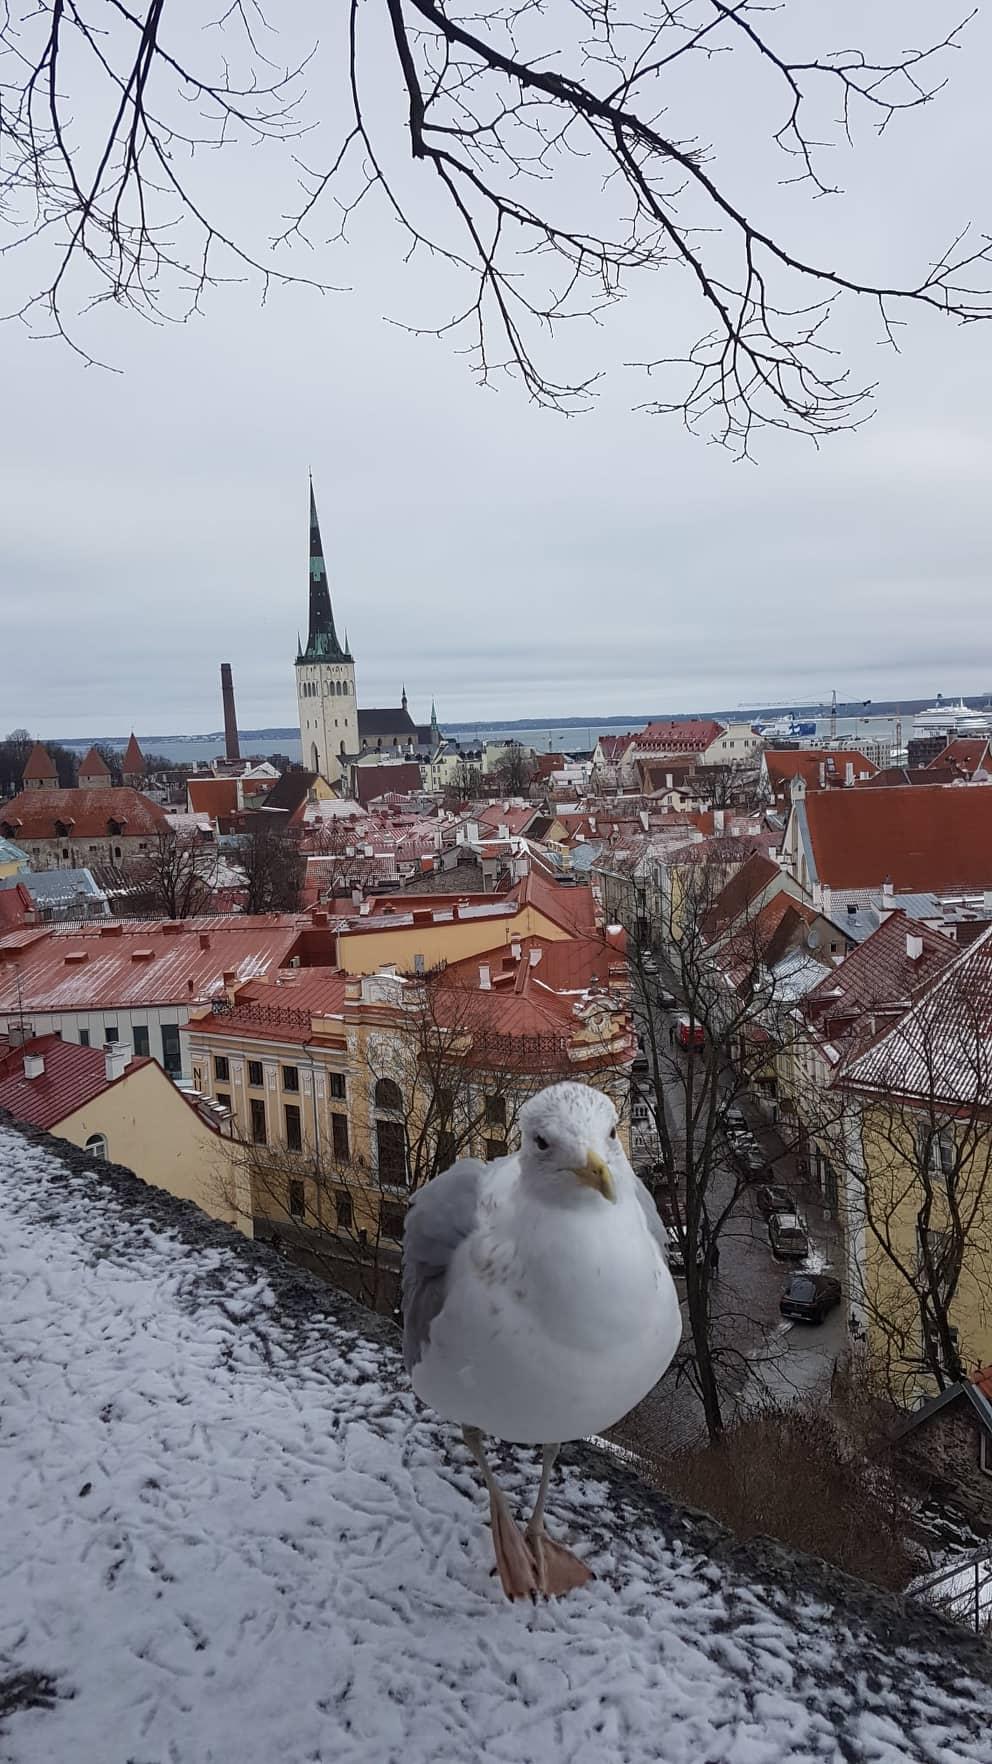 Point de vue de la vielle ville.